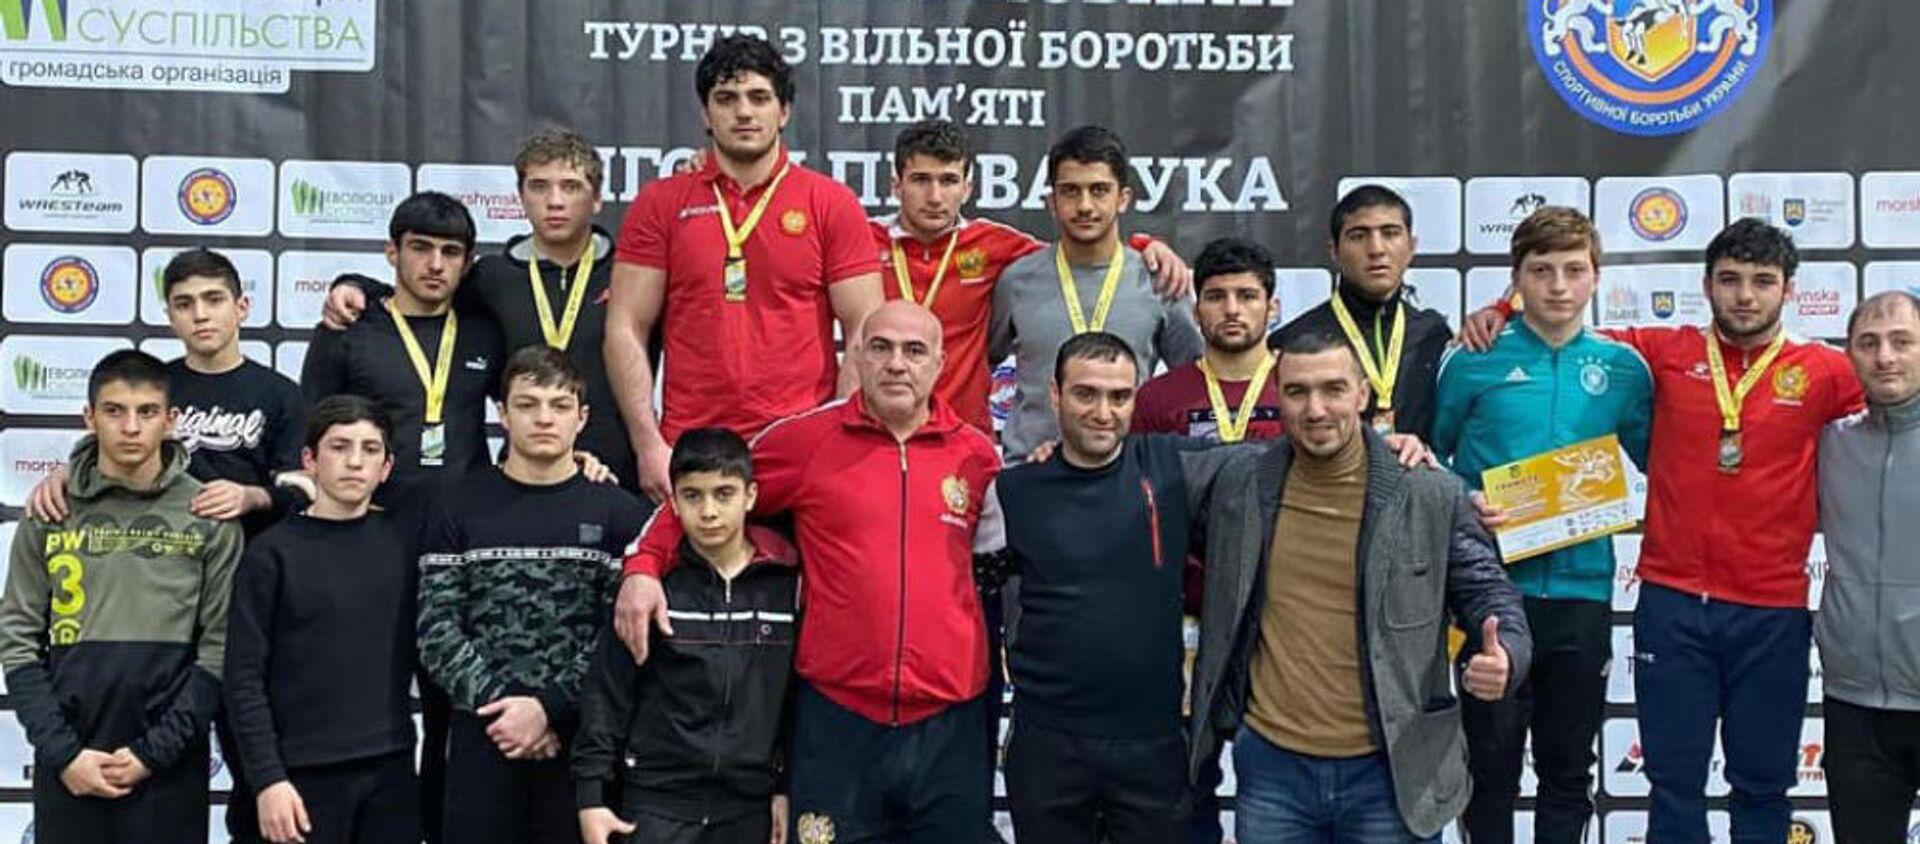 Молодежная сборная Армении по вольной борьбе приняла участие в международном турнире в Украине - Sputnik Армения, 1920, 10.03.2021